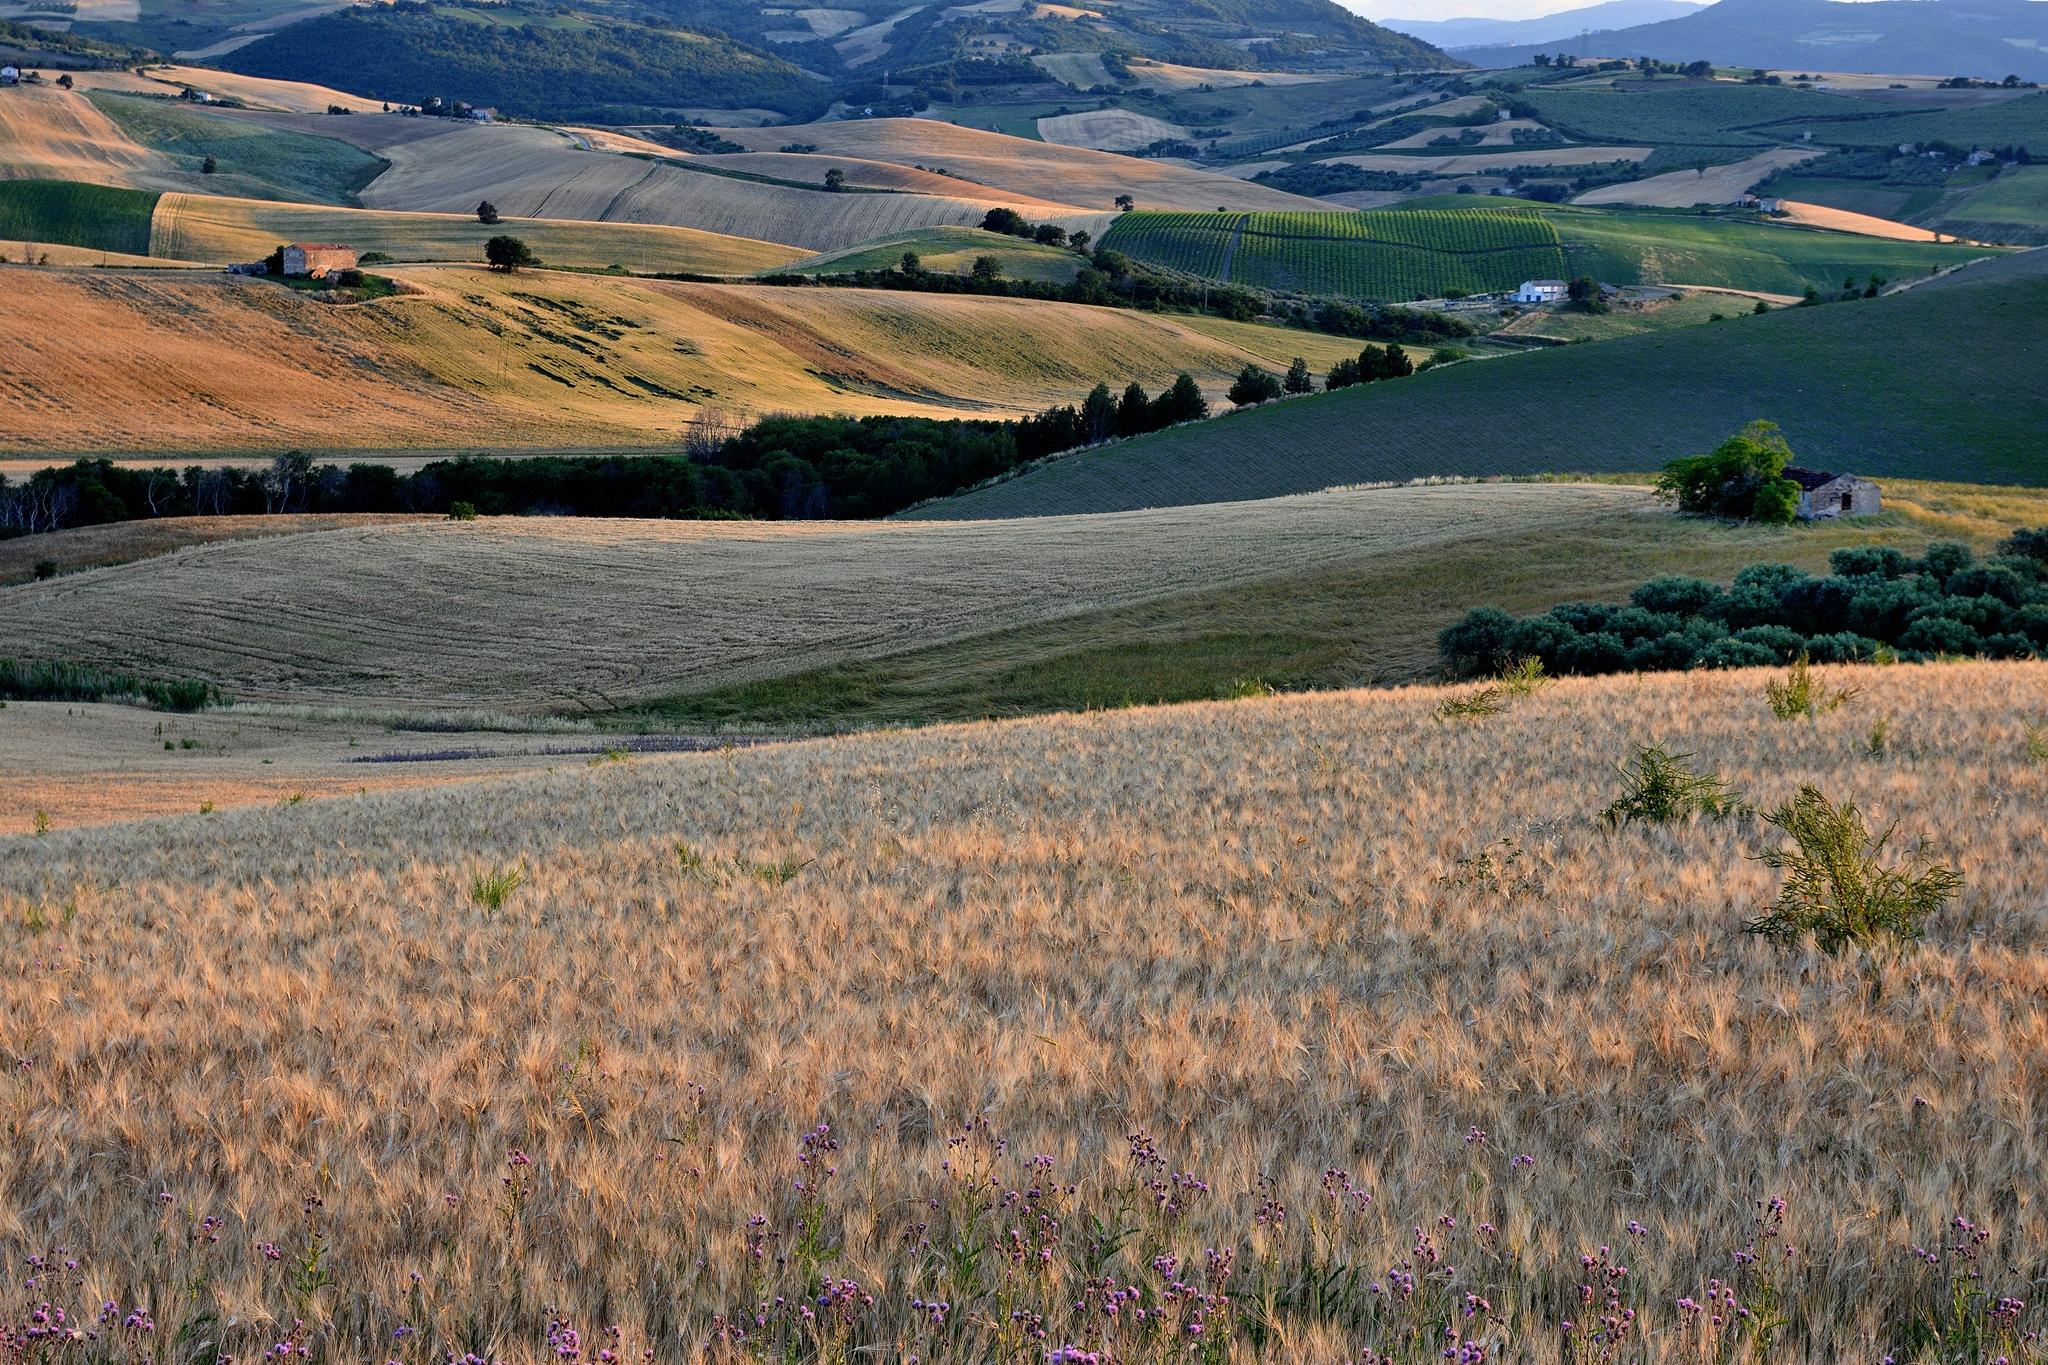 A sea of wheat...